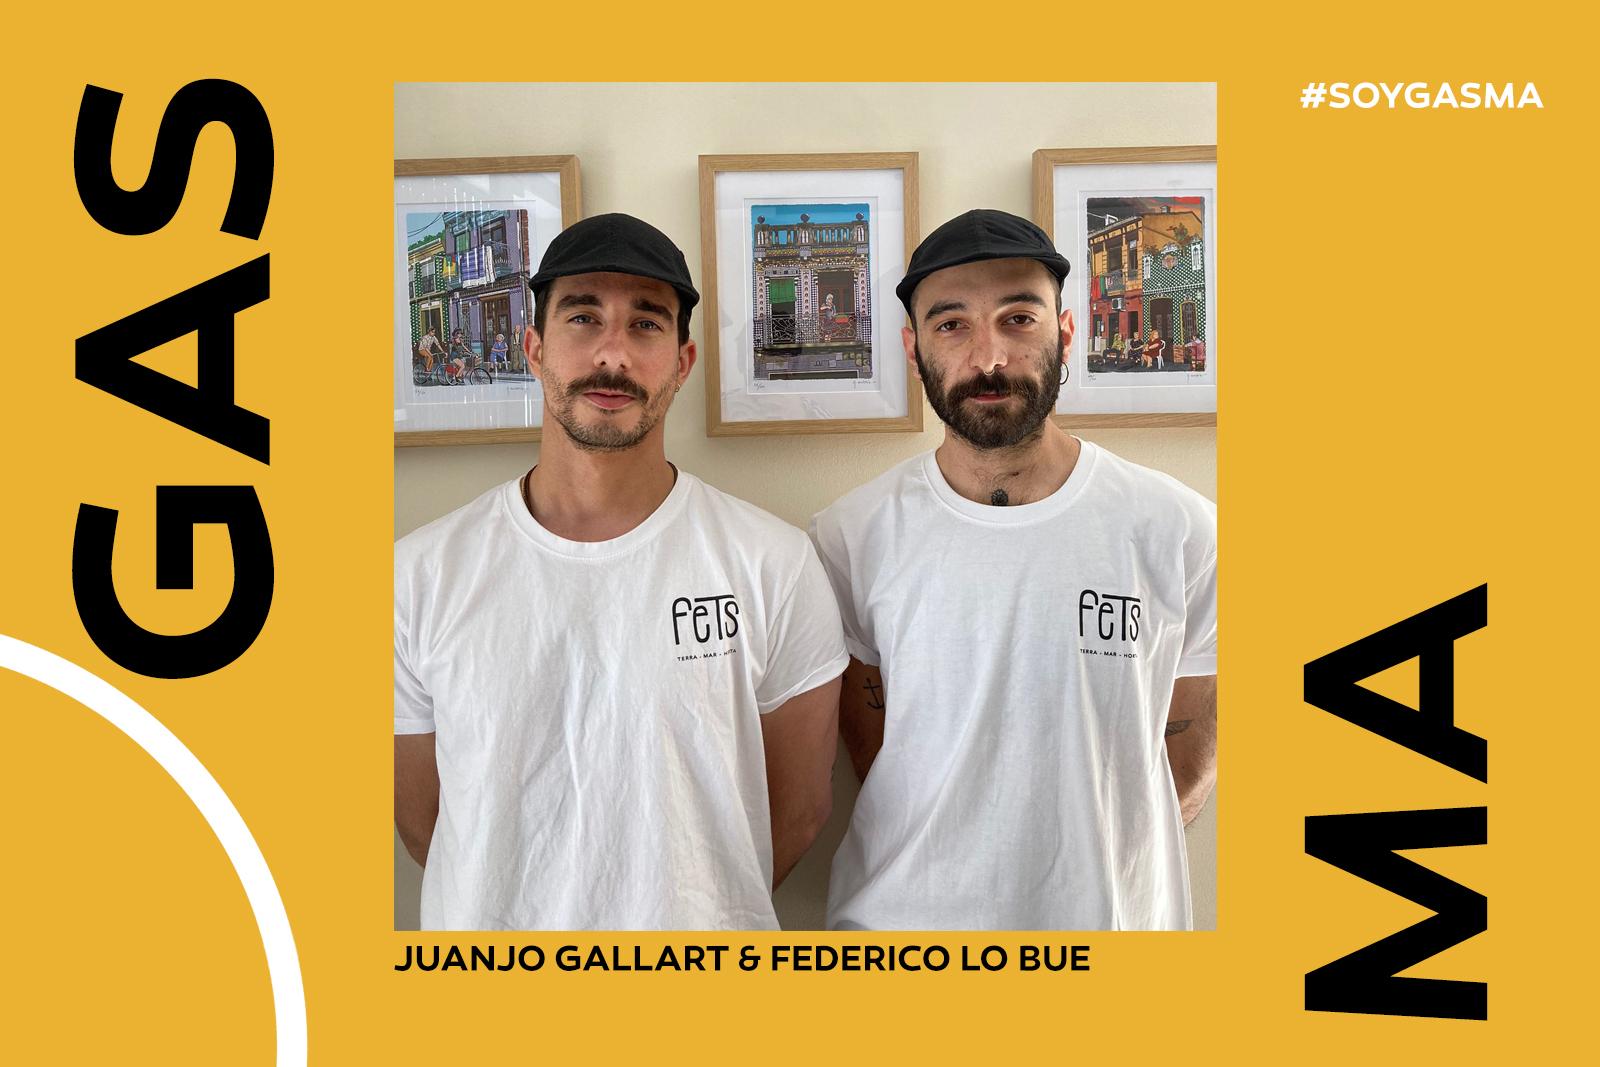 Juanjo Gallart y Federico Lo Bue